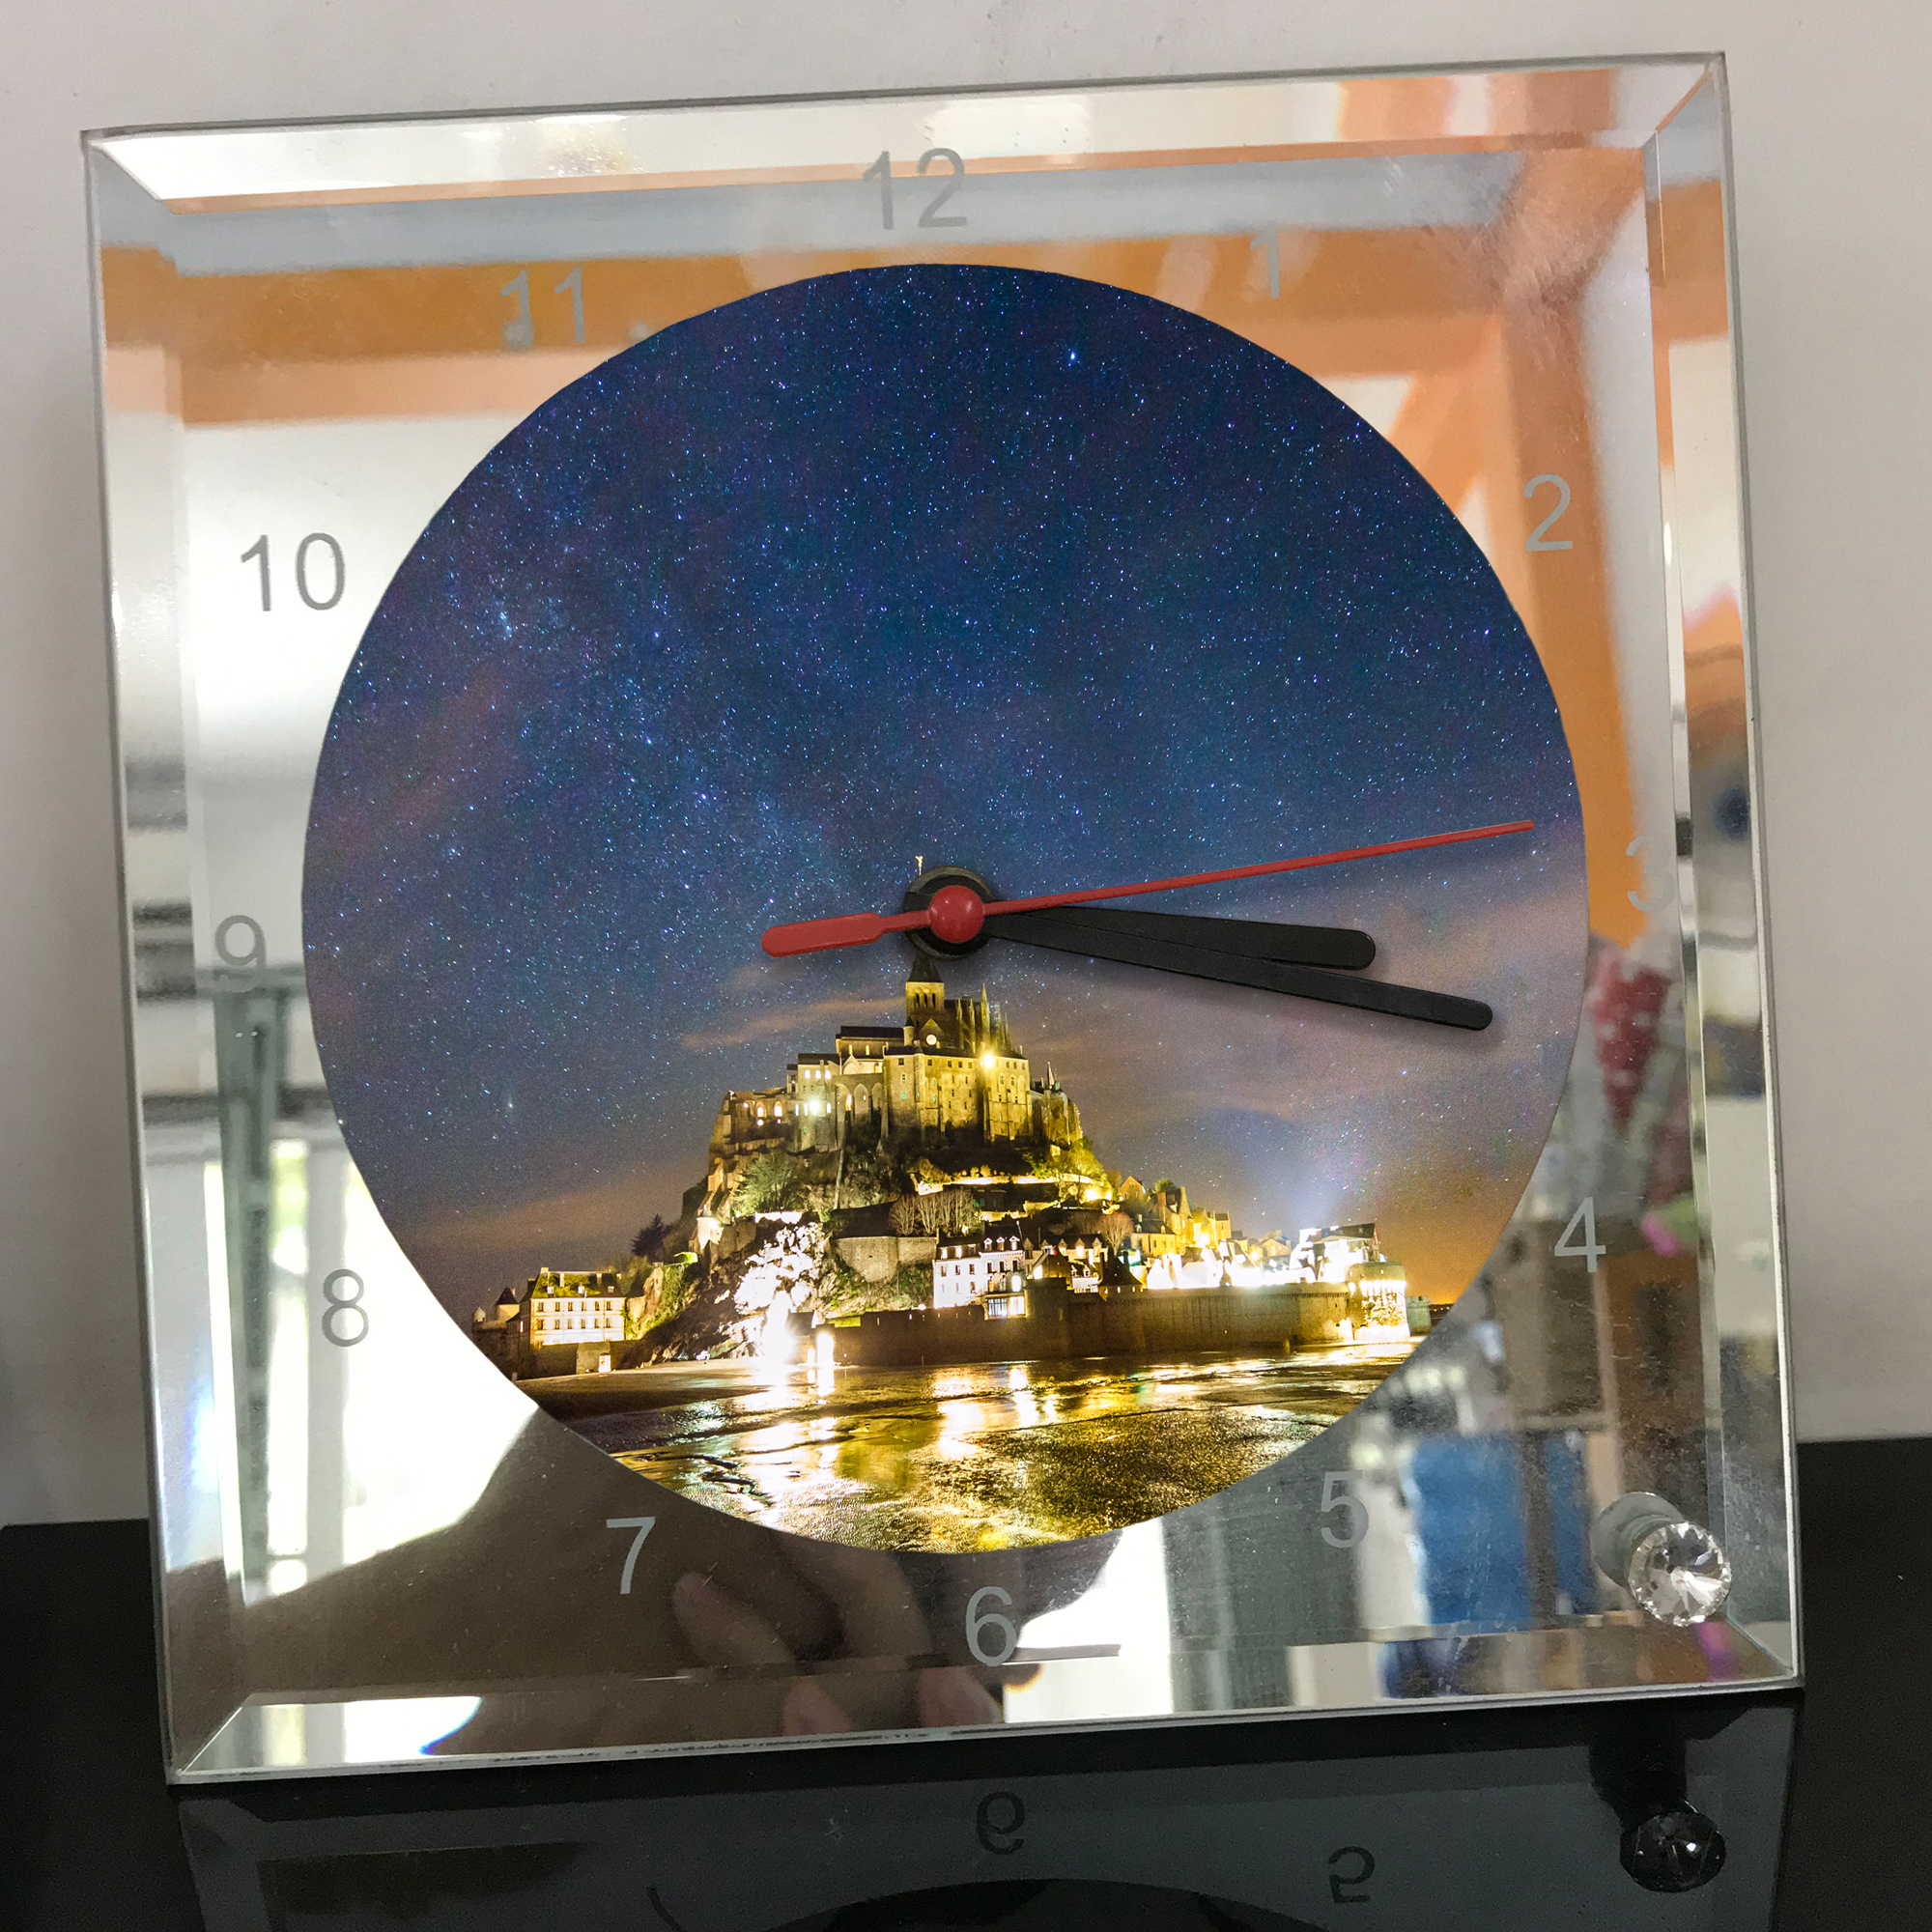 Đồng hồ thủy tinh vuông 20x20 in hình tu viện Mont Saint-Michel (24) . Đồng hồ thủy tinh để bàn trang trí đẹp chủ đề tôn giáo